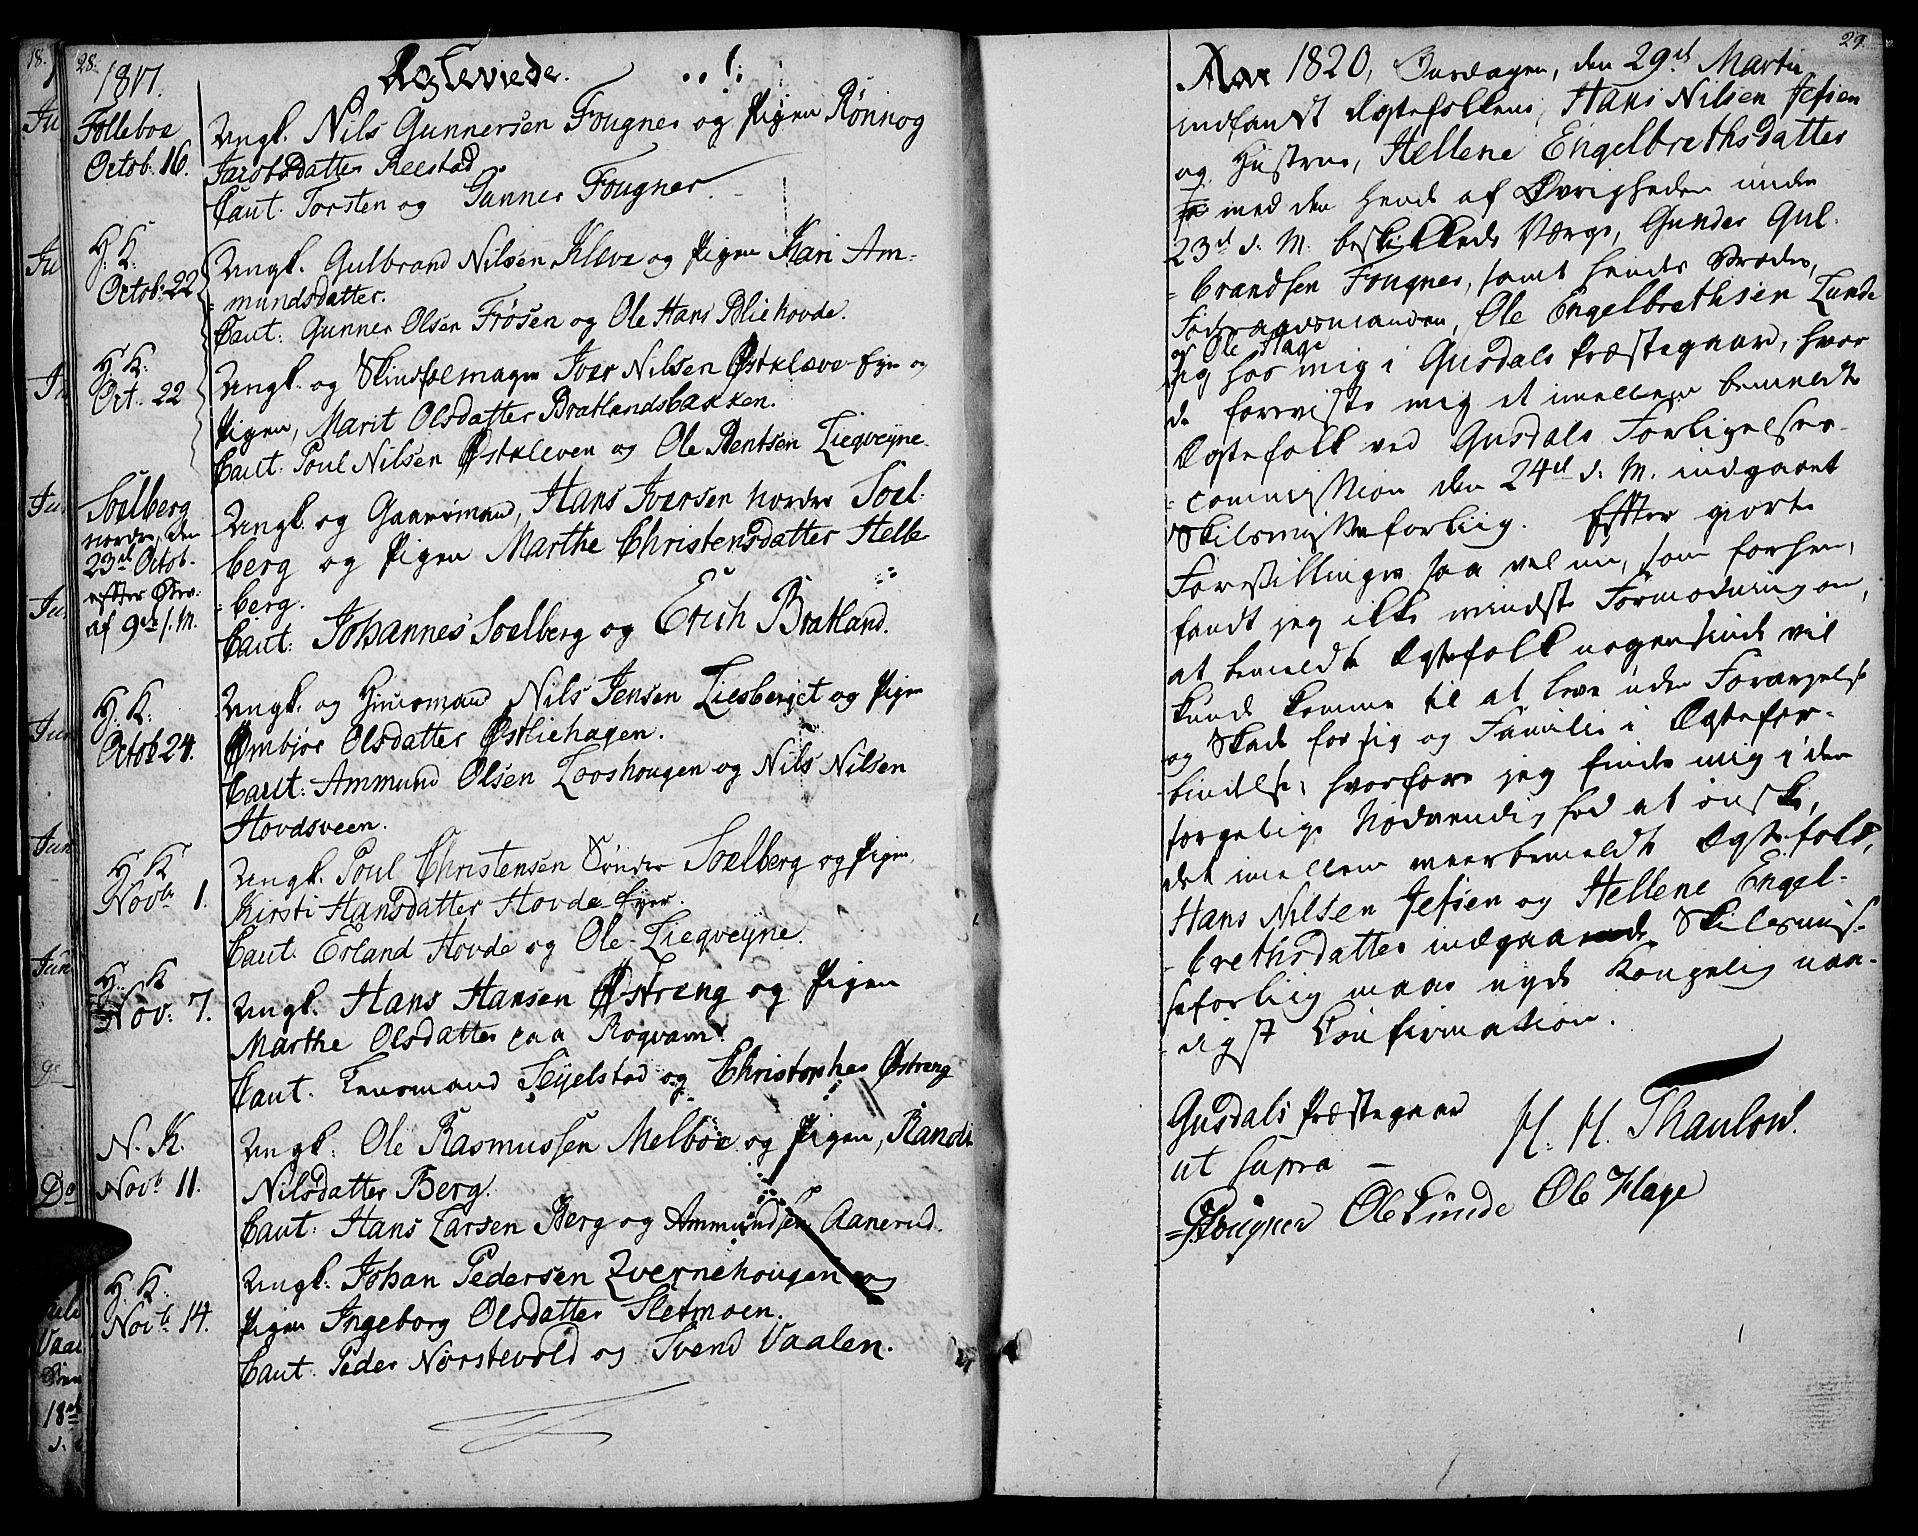 SAH, Gausdal prestekontor, Parish register (official) no. 4, 1809-1817, p. 28-29